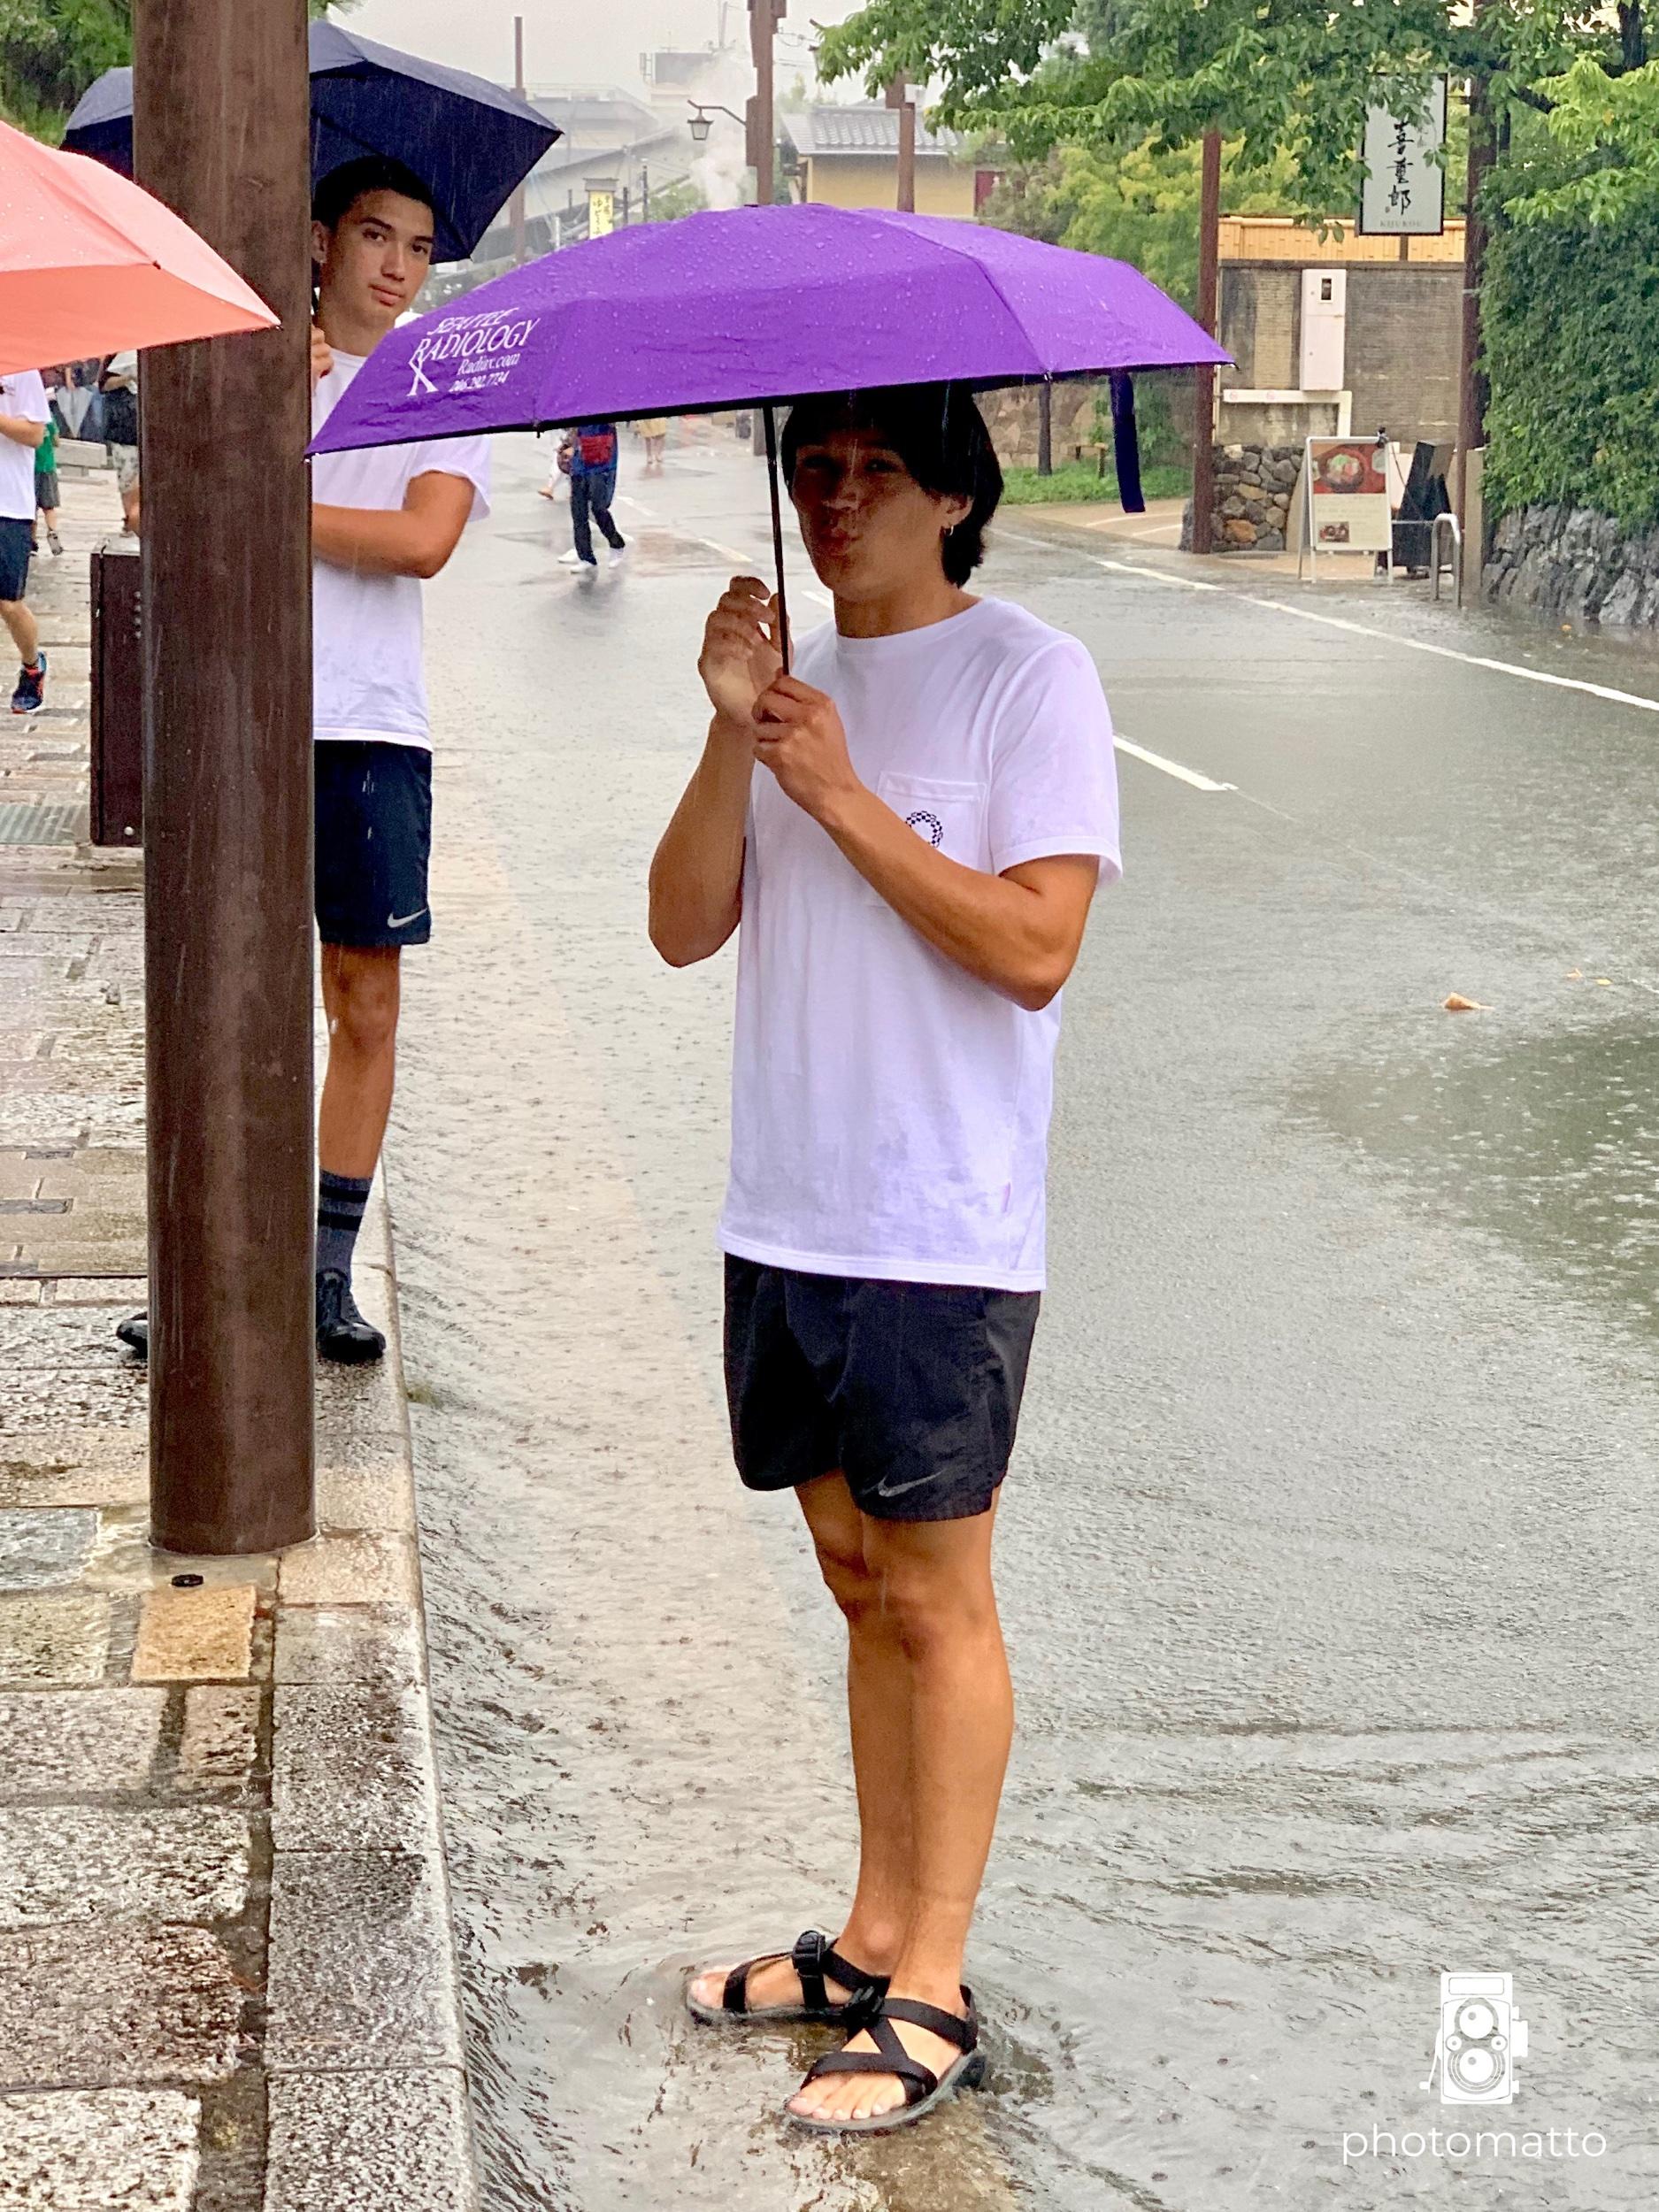 So much rain